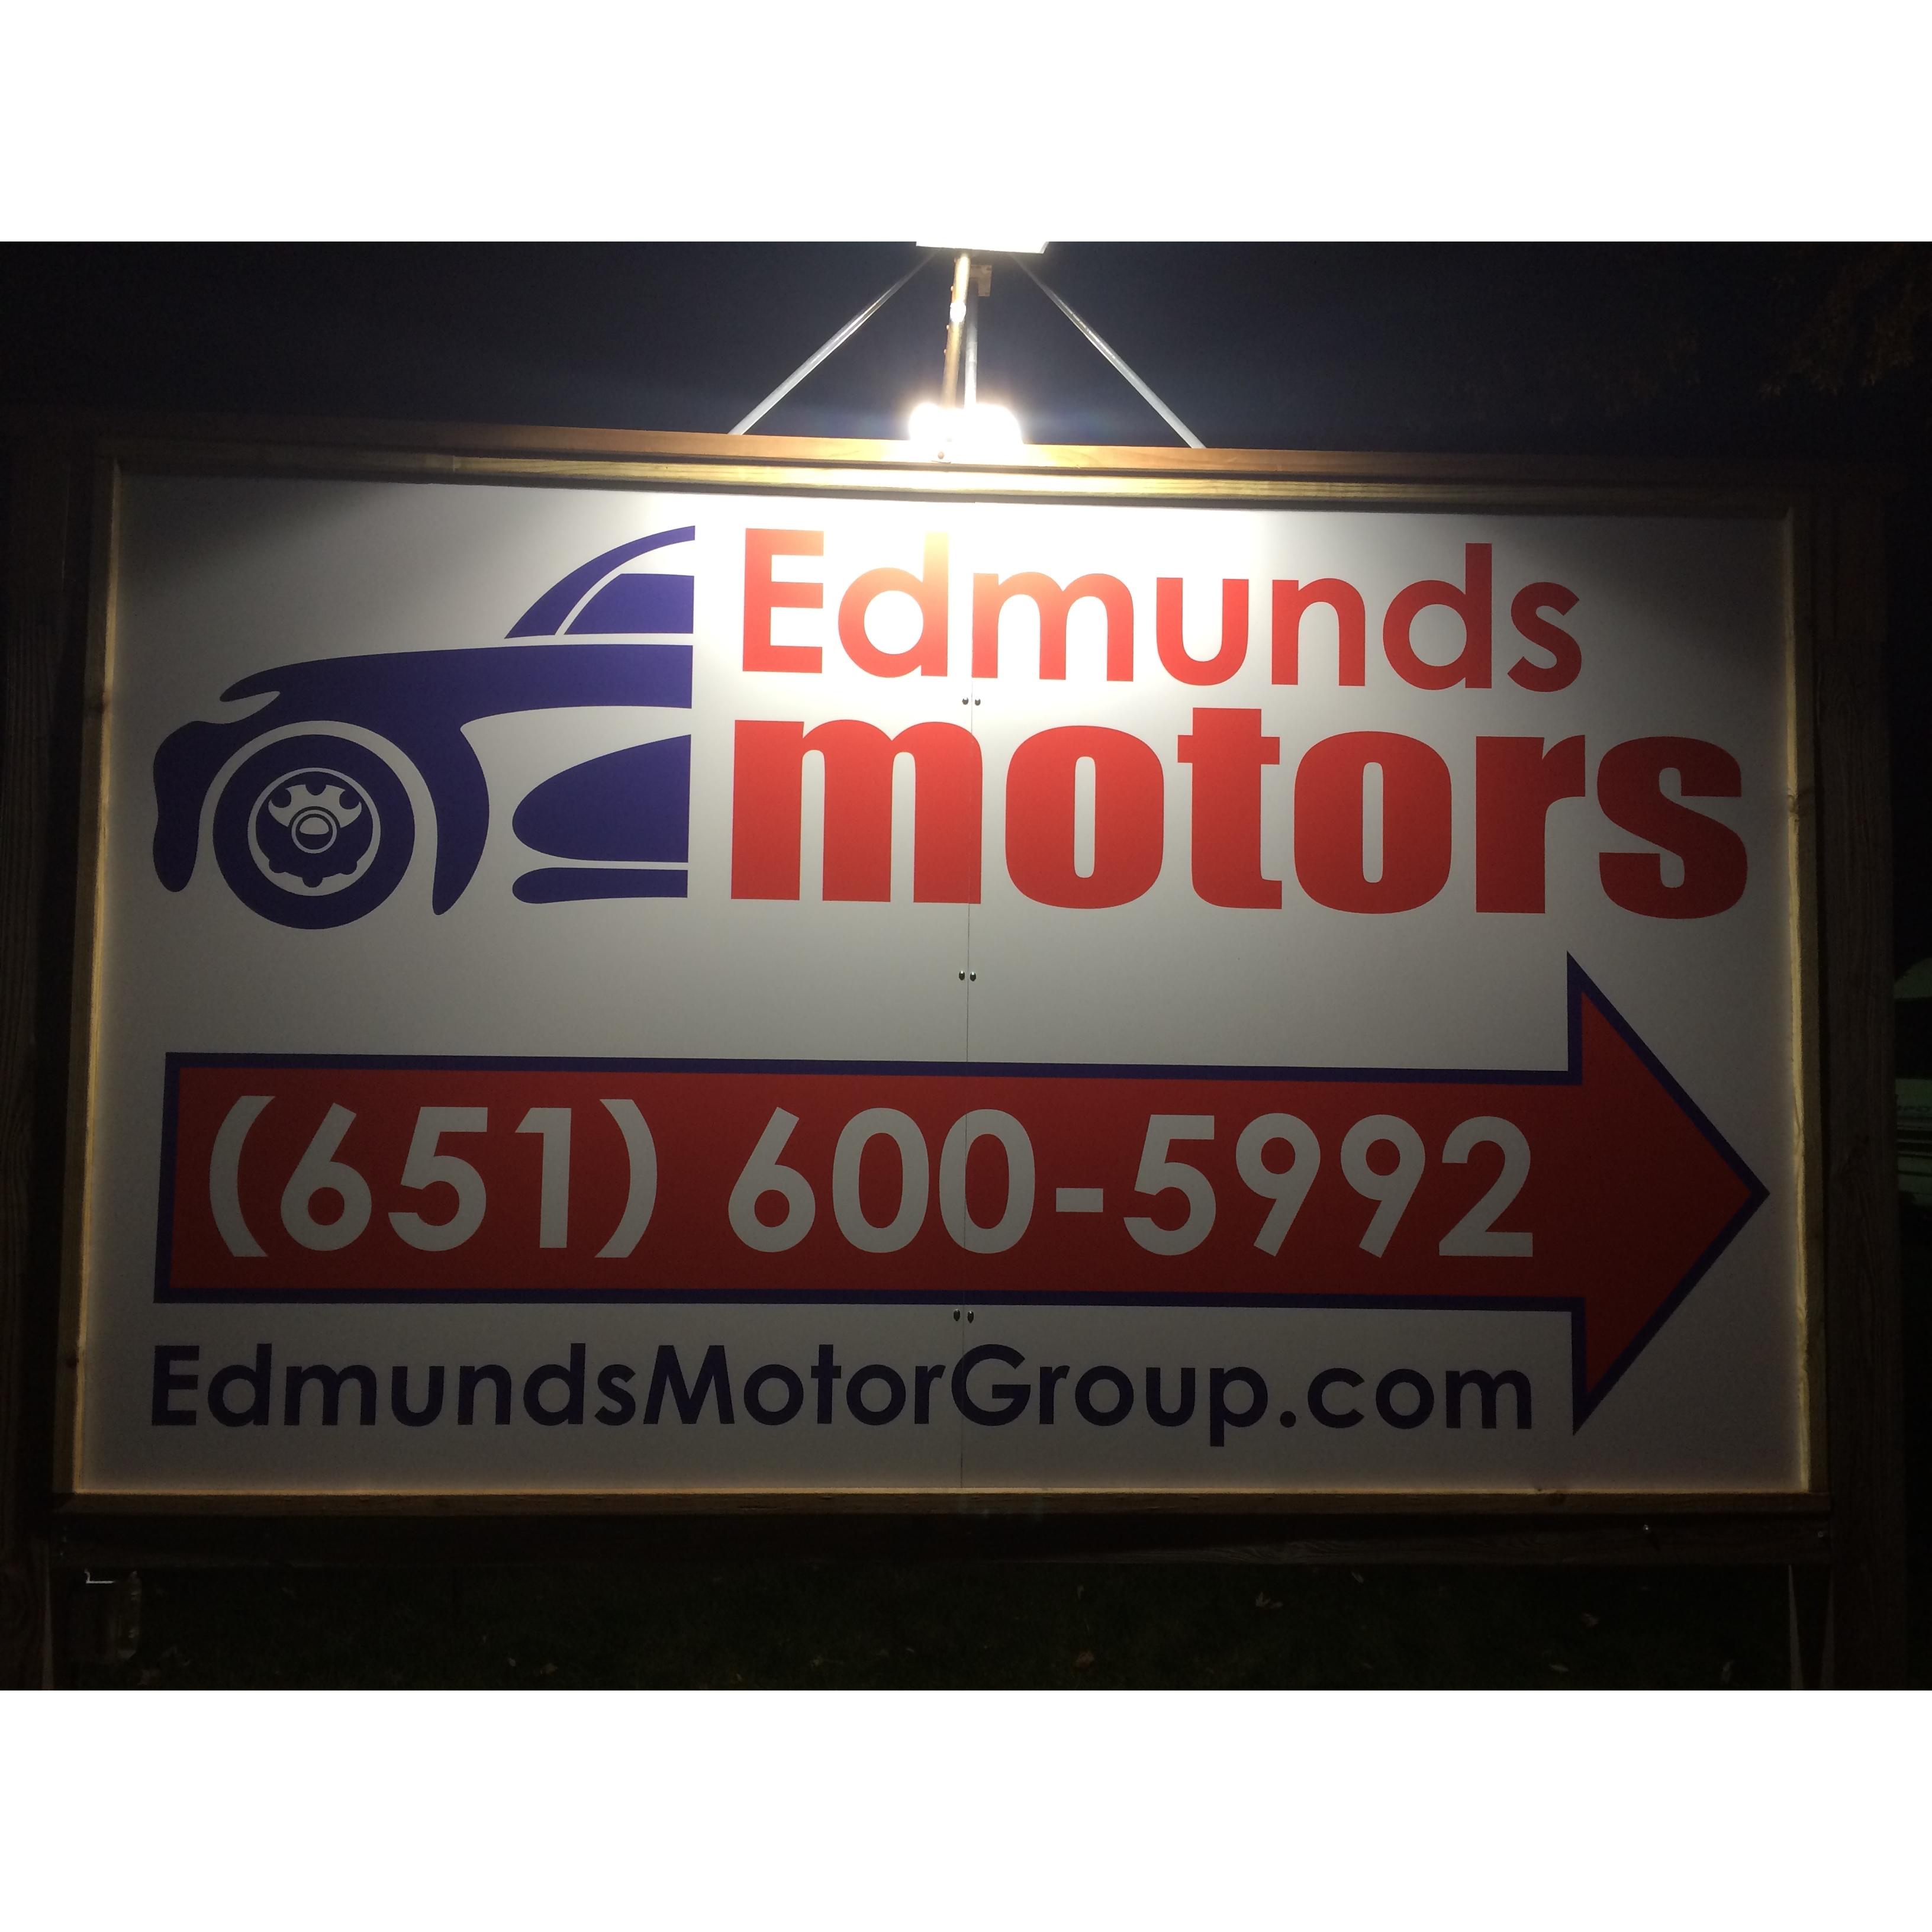 Edmunds Motors